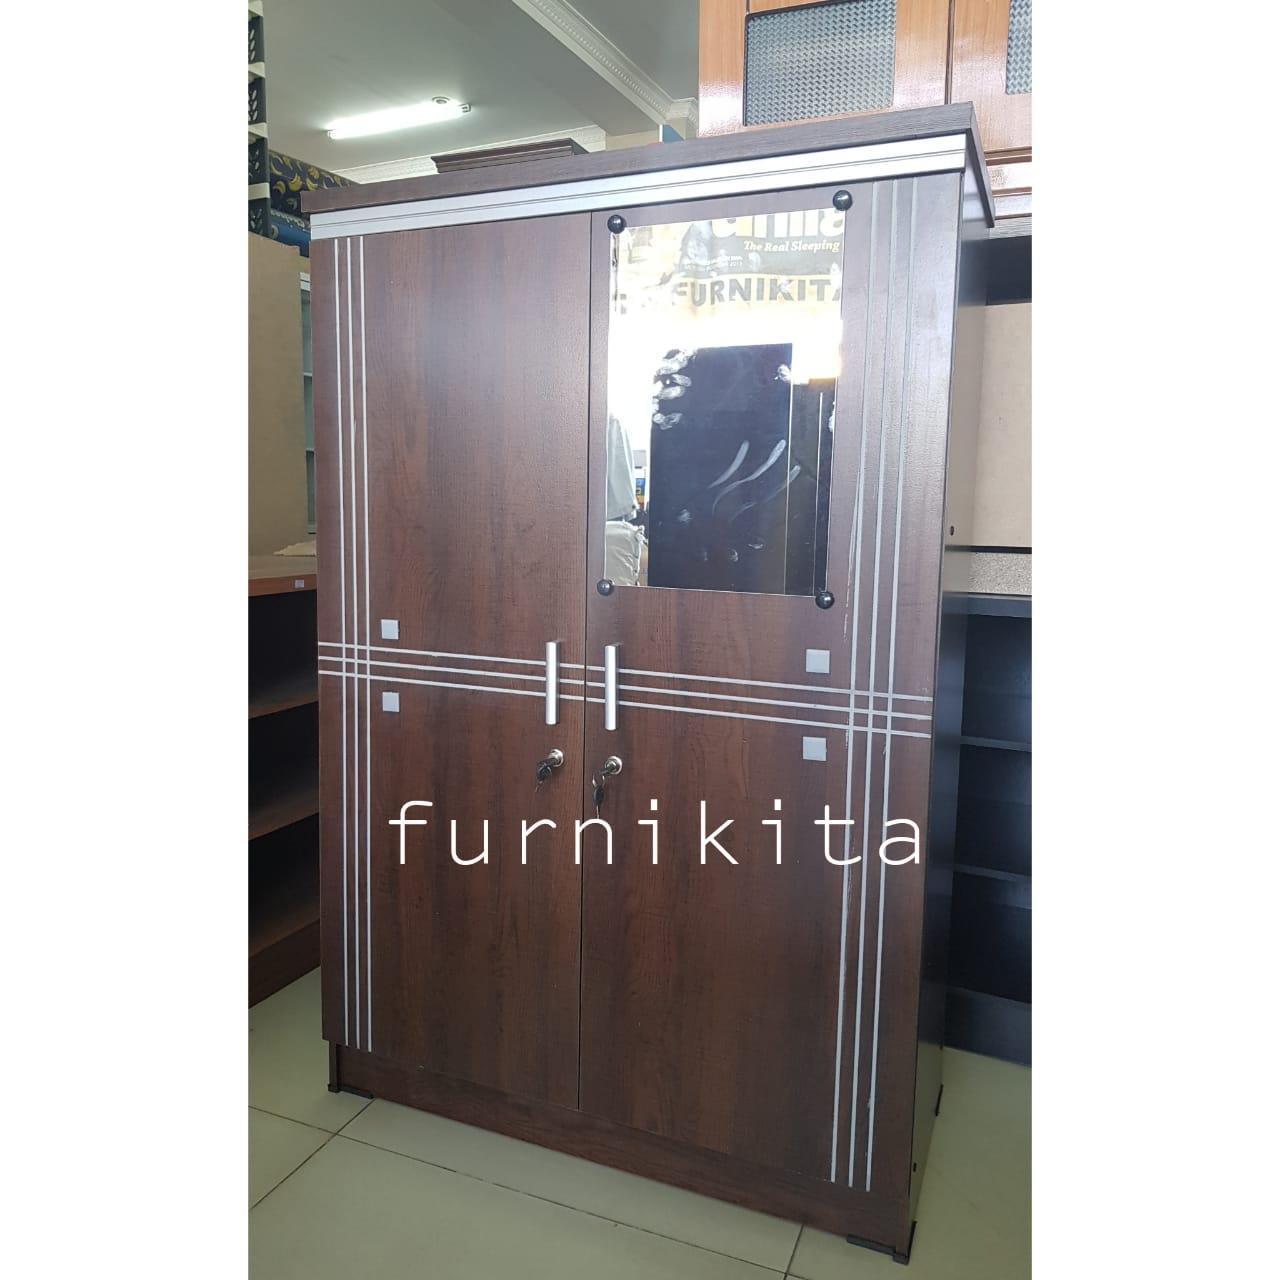 Lemari Pakaian Kecil Kayu Dengan Kaca Baby Locker Lt02 By Furnikita Furniture.